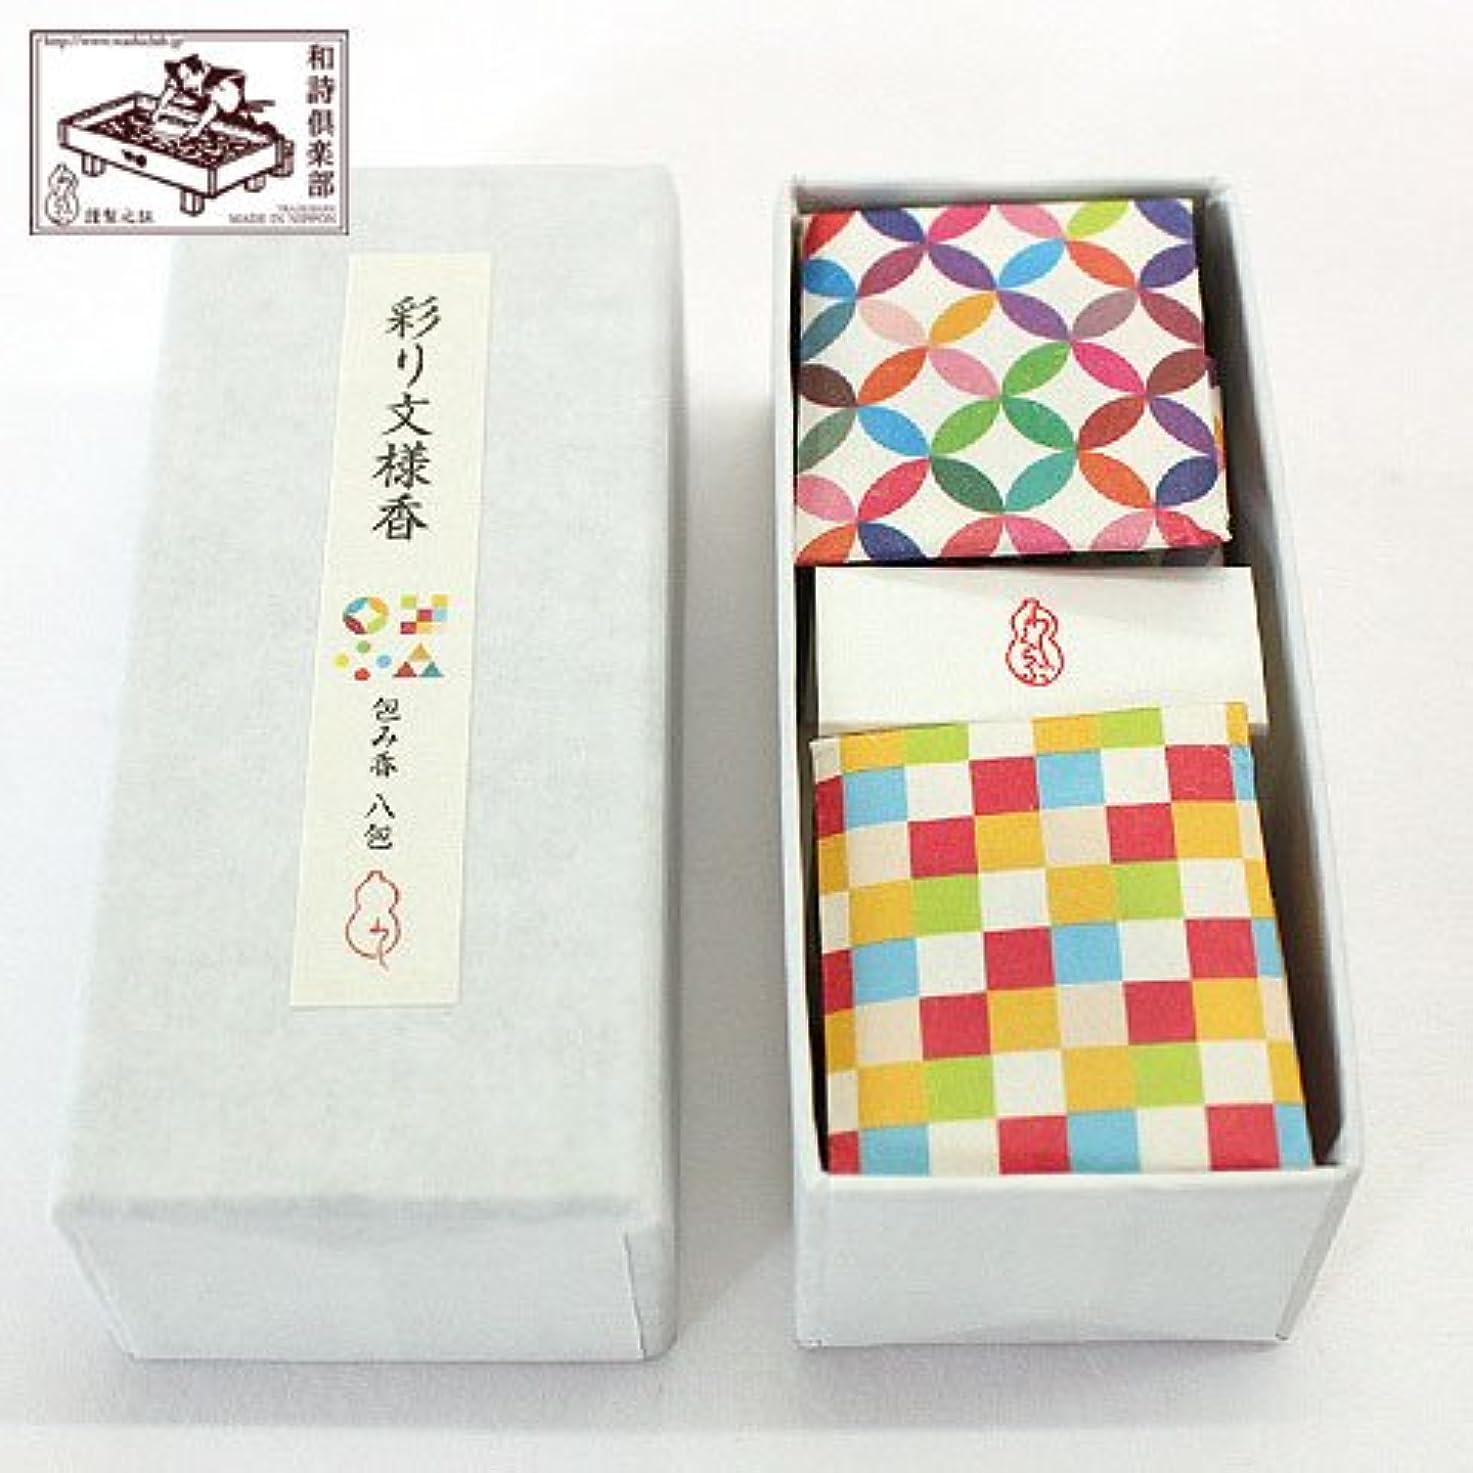 適用するビルカウント文香包み香彩り文様香 (TU-020)和詩倶楽部